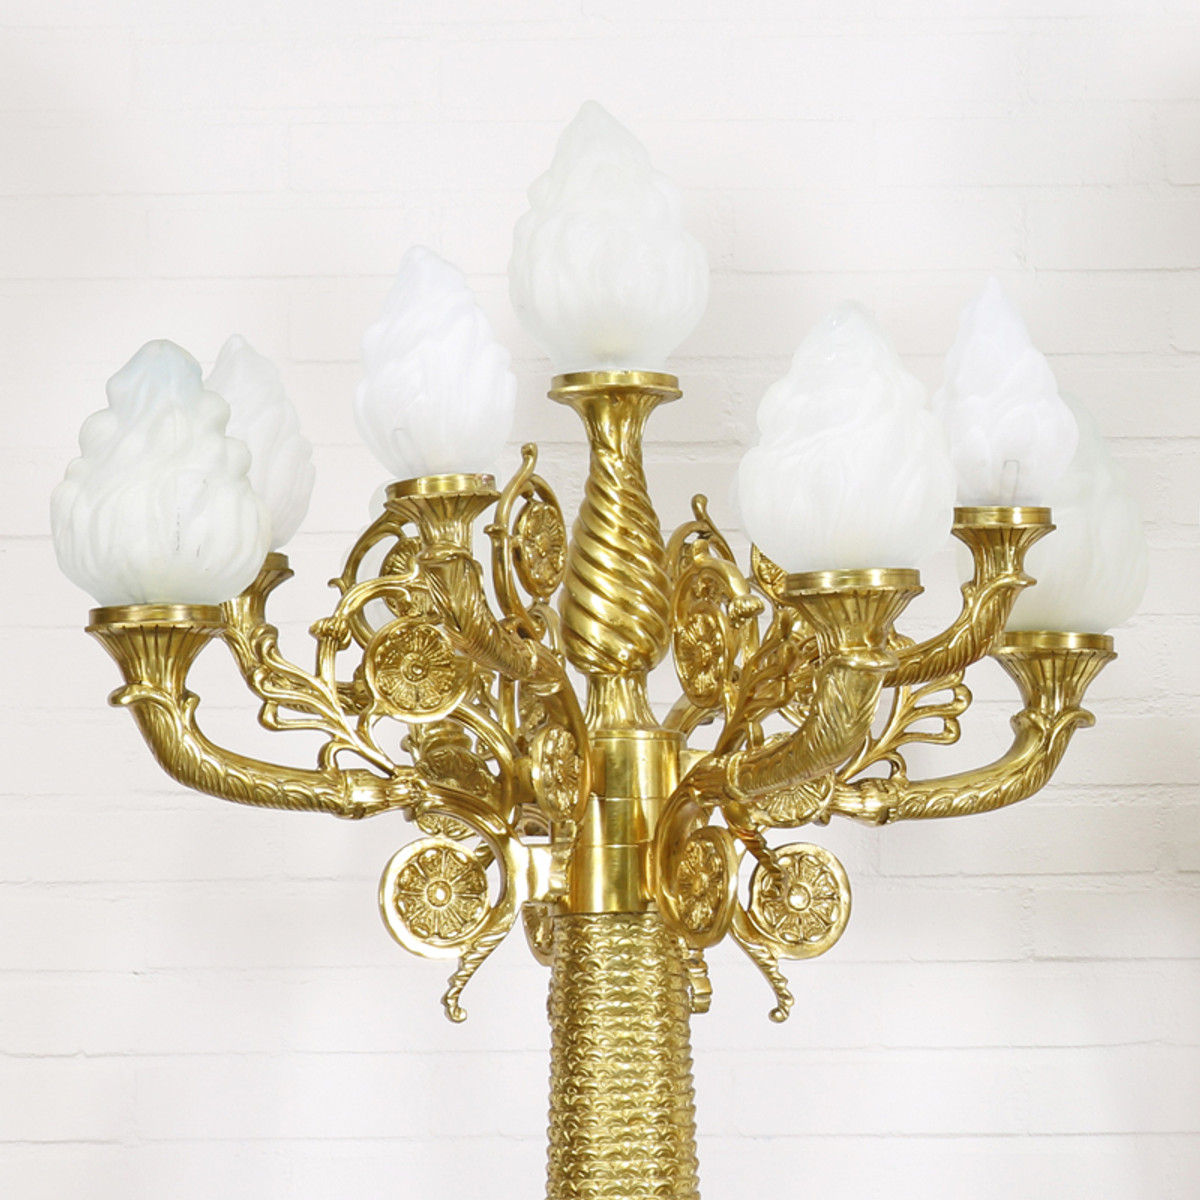 Casa padrino barock stand kronleuchter mit marmor s ulen set mod1 creme gold edel - Kronleuchter barock ...